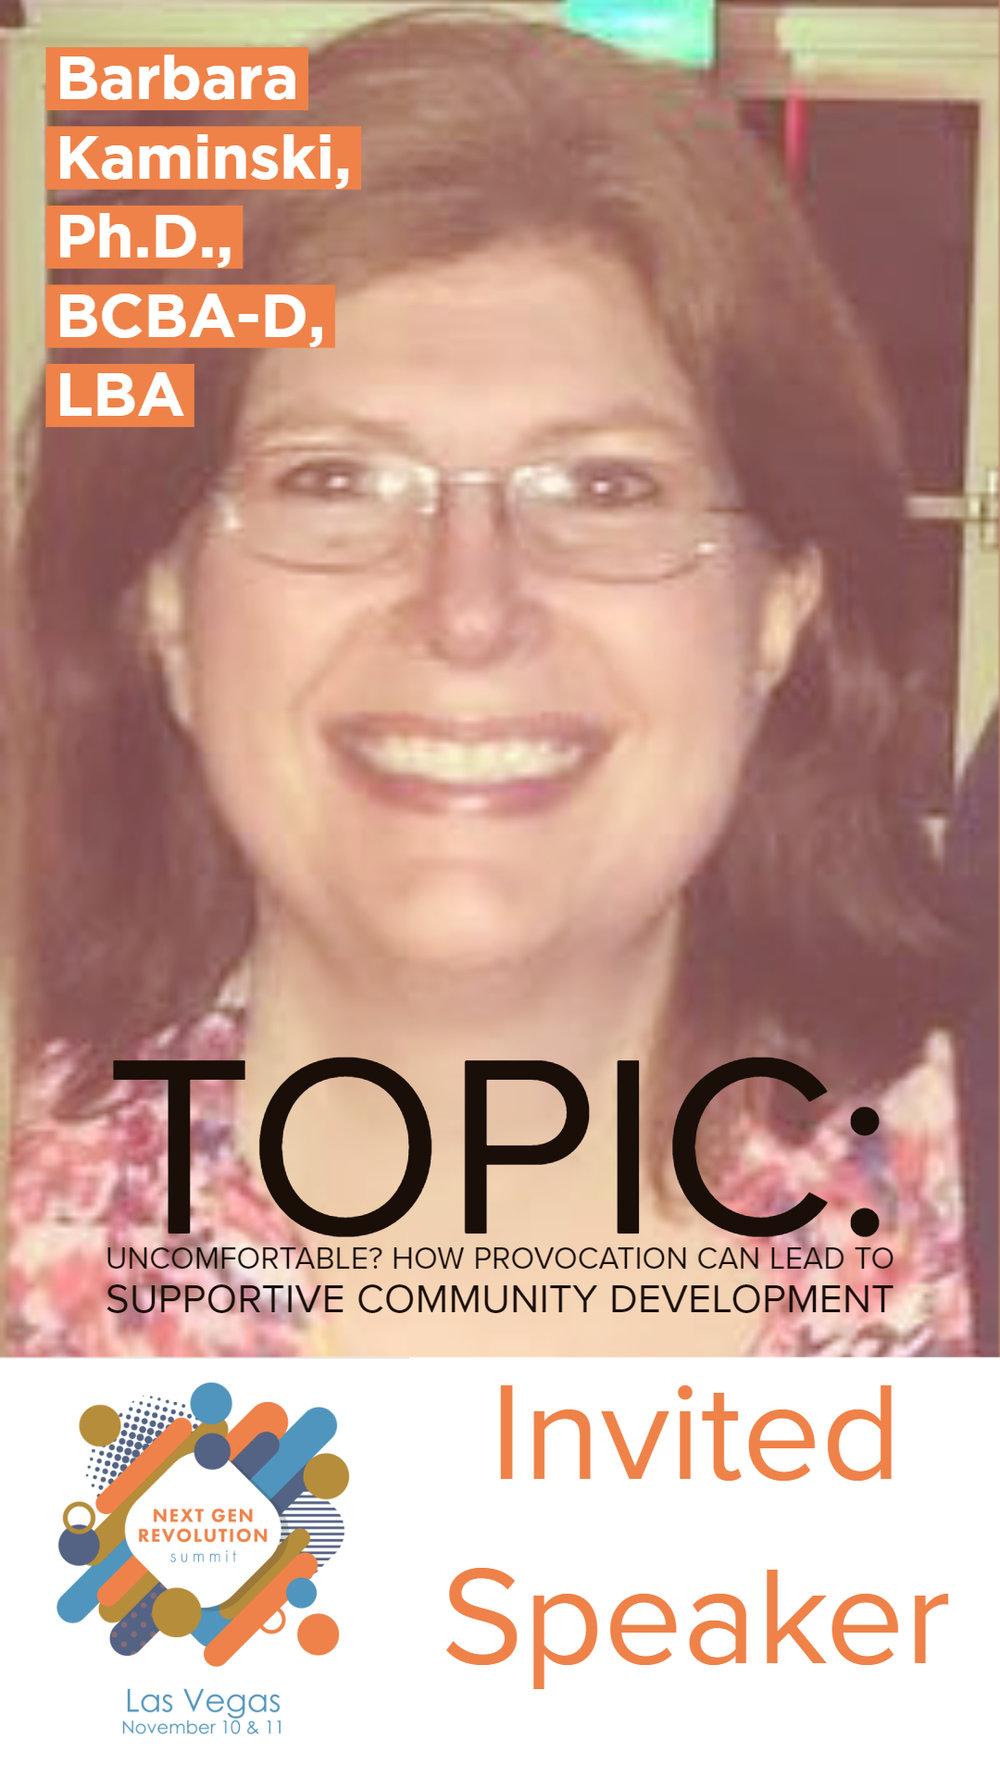 Barbara Kaminski, Ph.D., BCBA-D, LBA